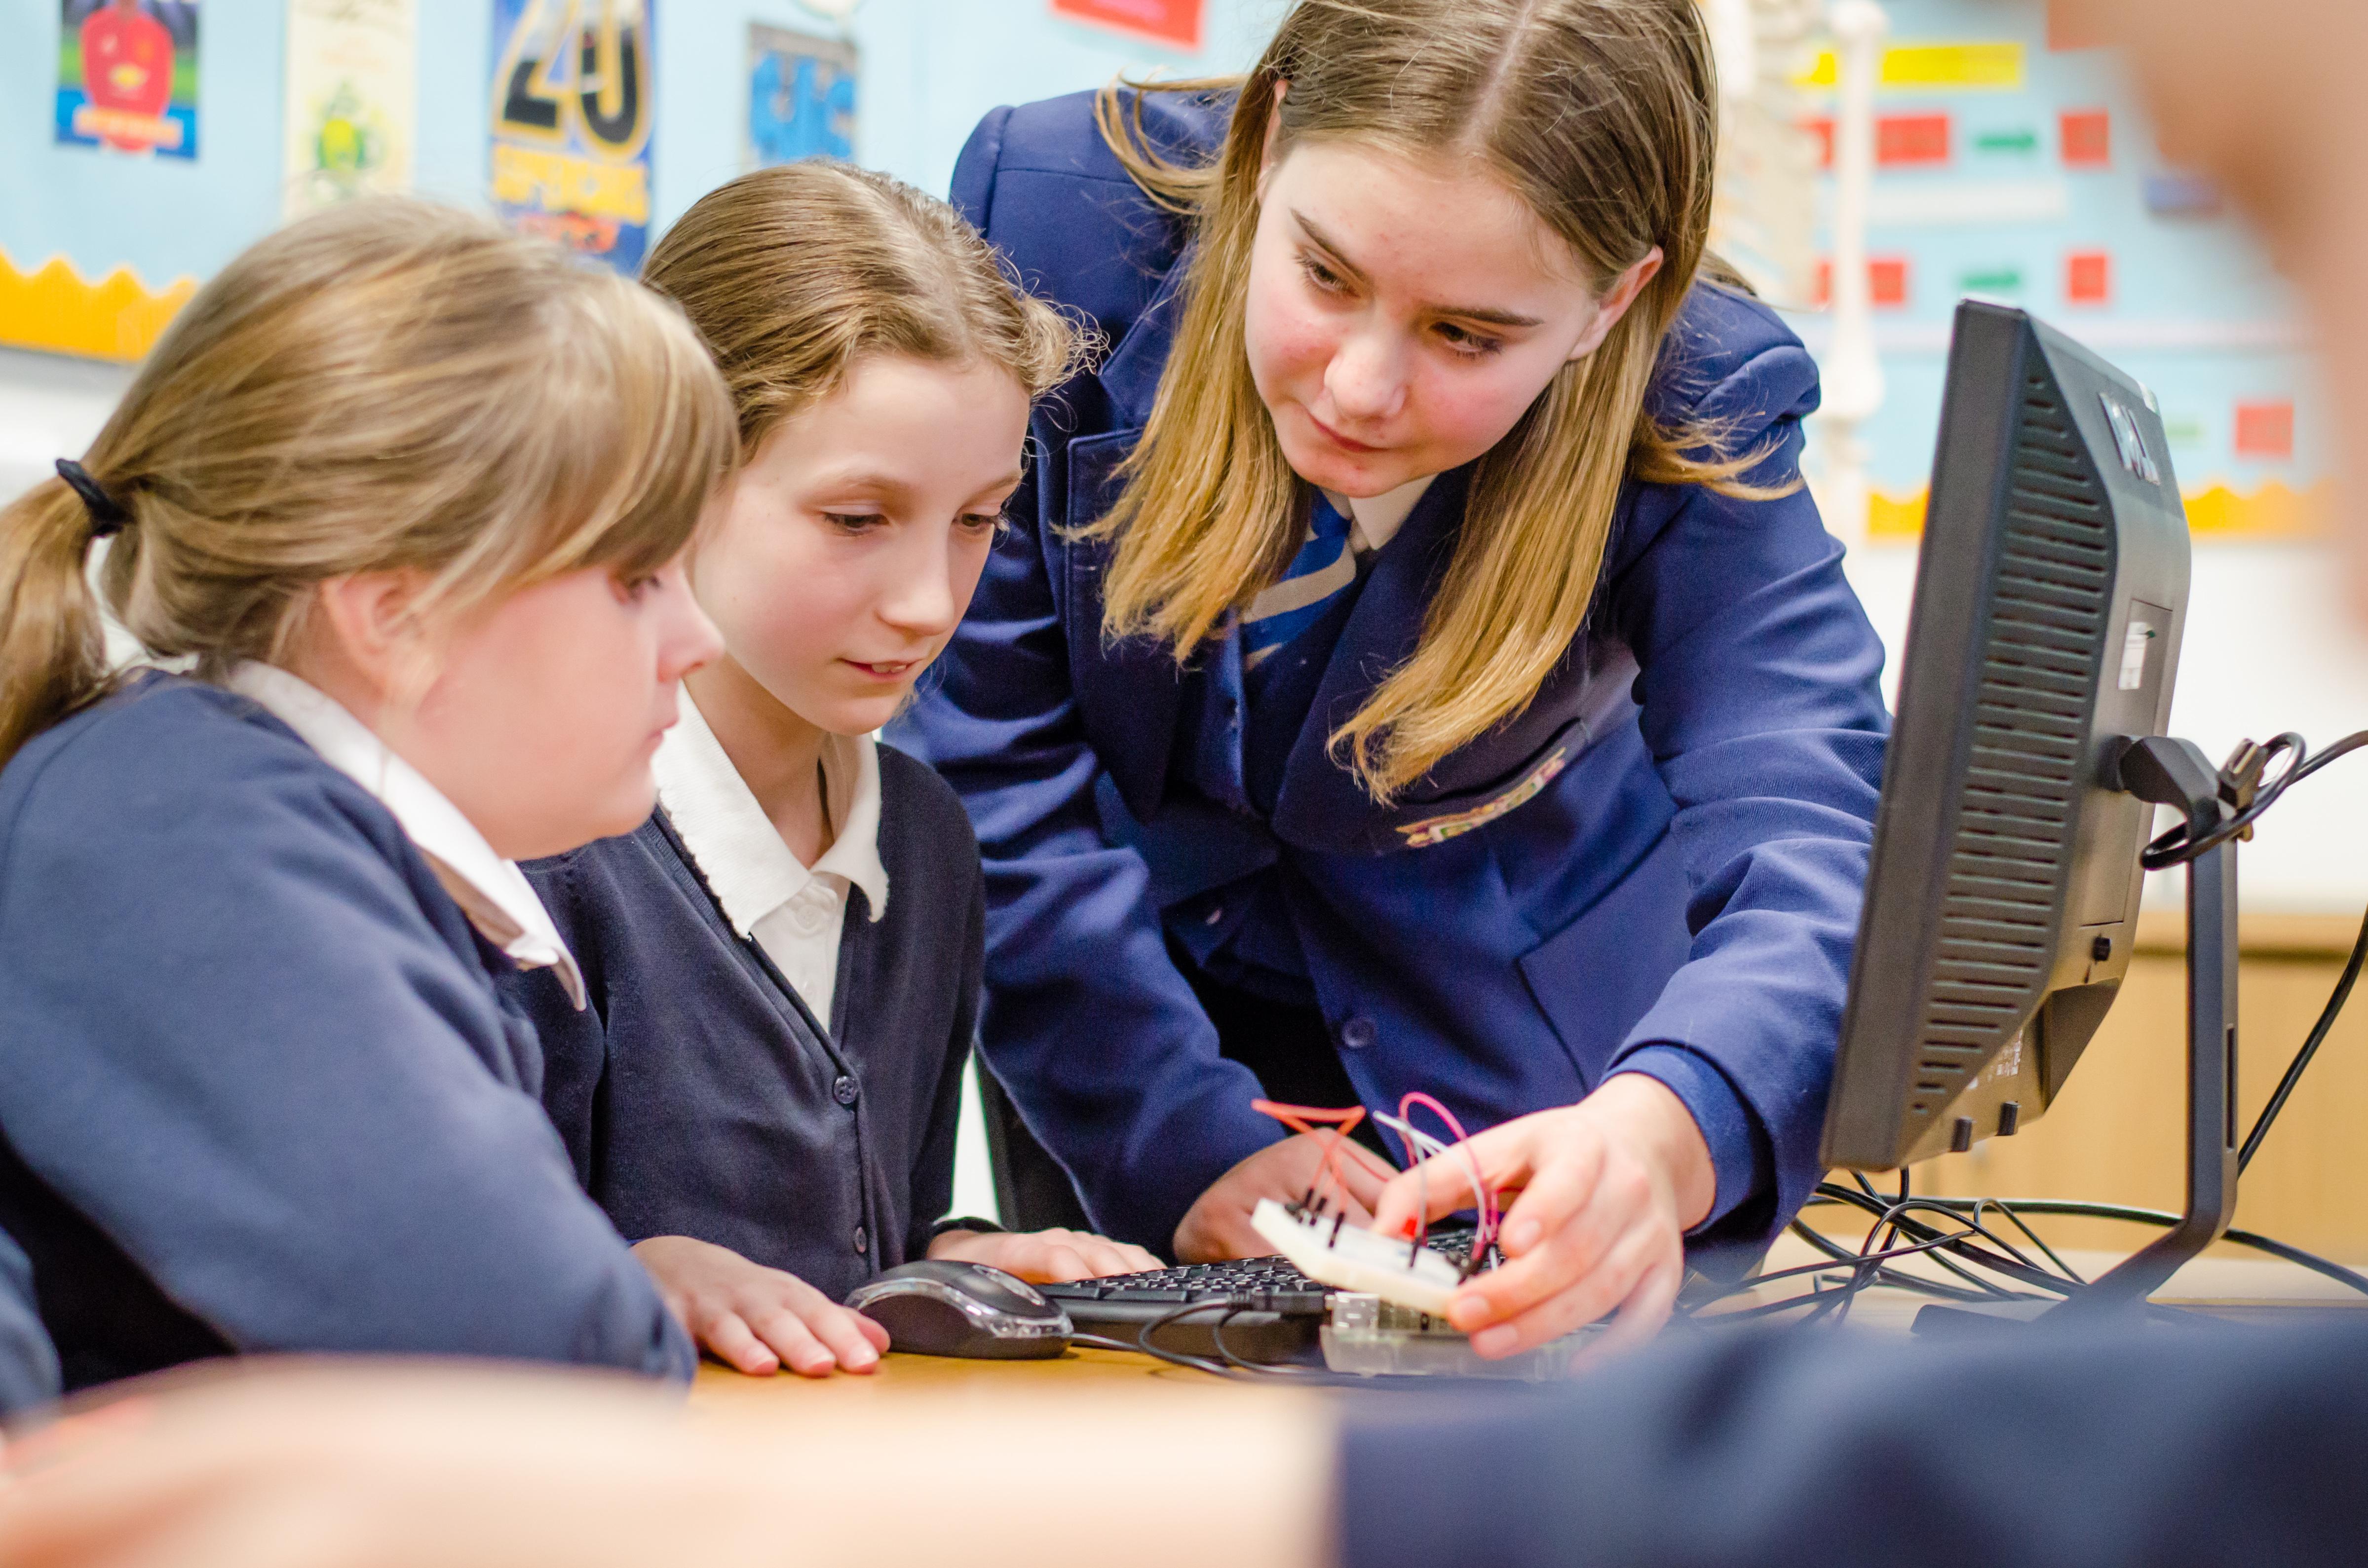 Stirling High School: Digital Learning Hub